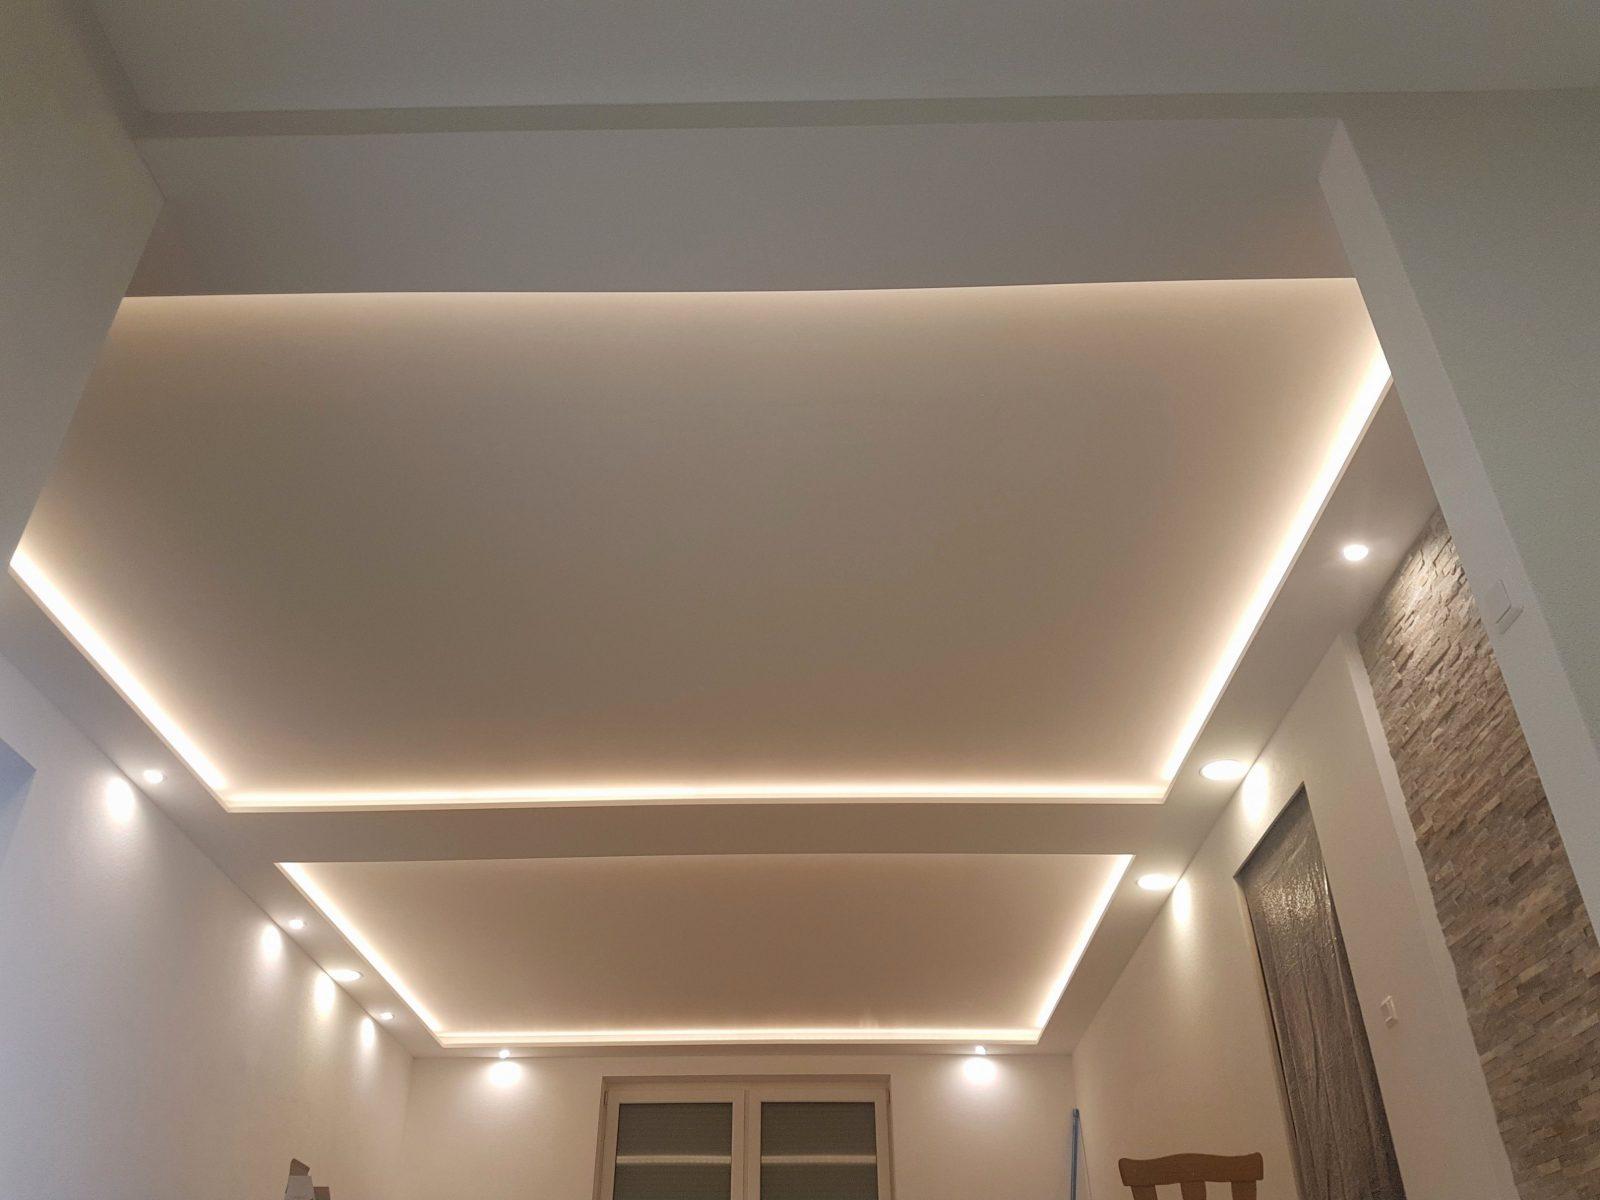 Indirekte Deckenbeleuchtung Selber Bauen Elegant Ideen Fotos Von von Indirektes Licht Selber Bauen Photo